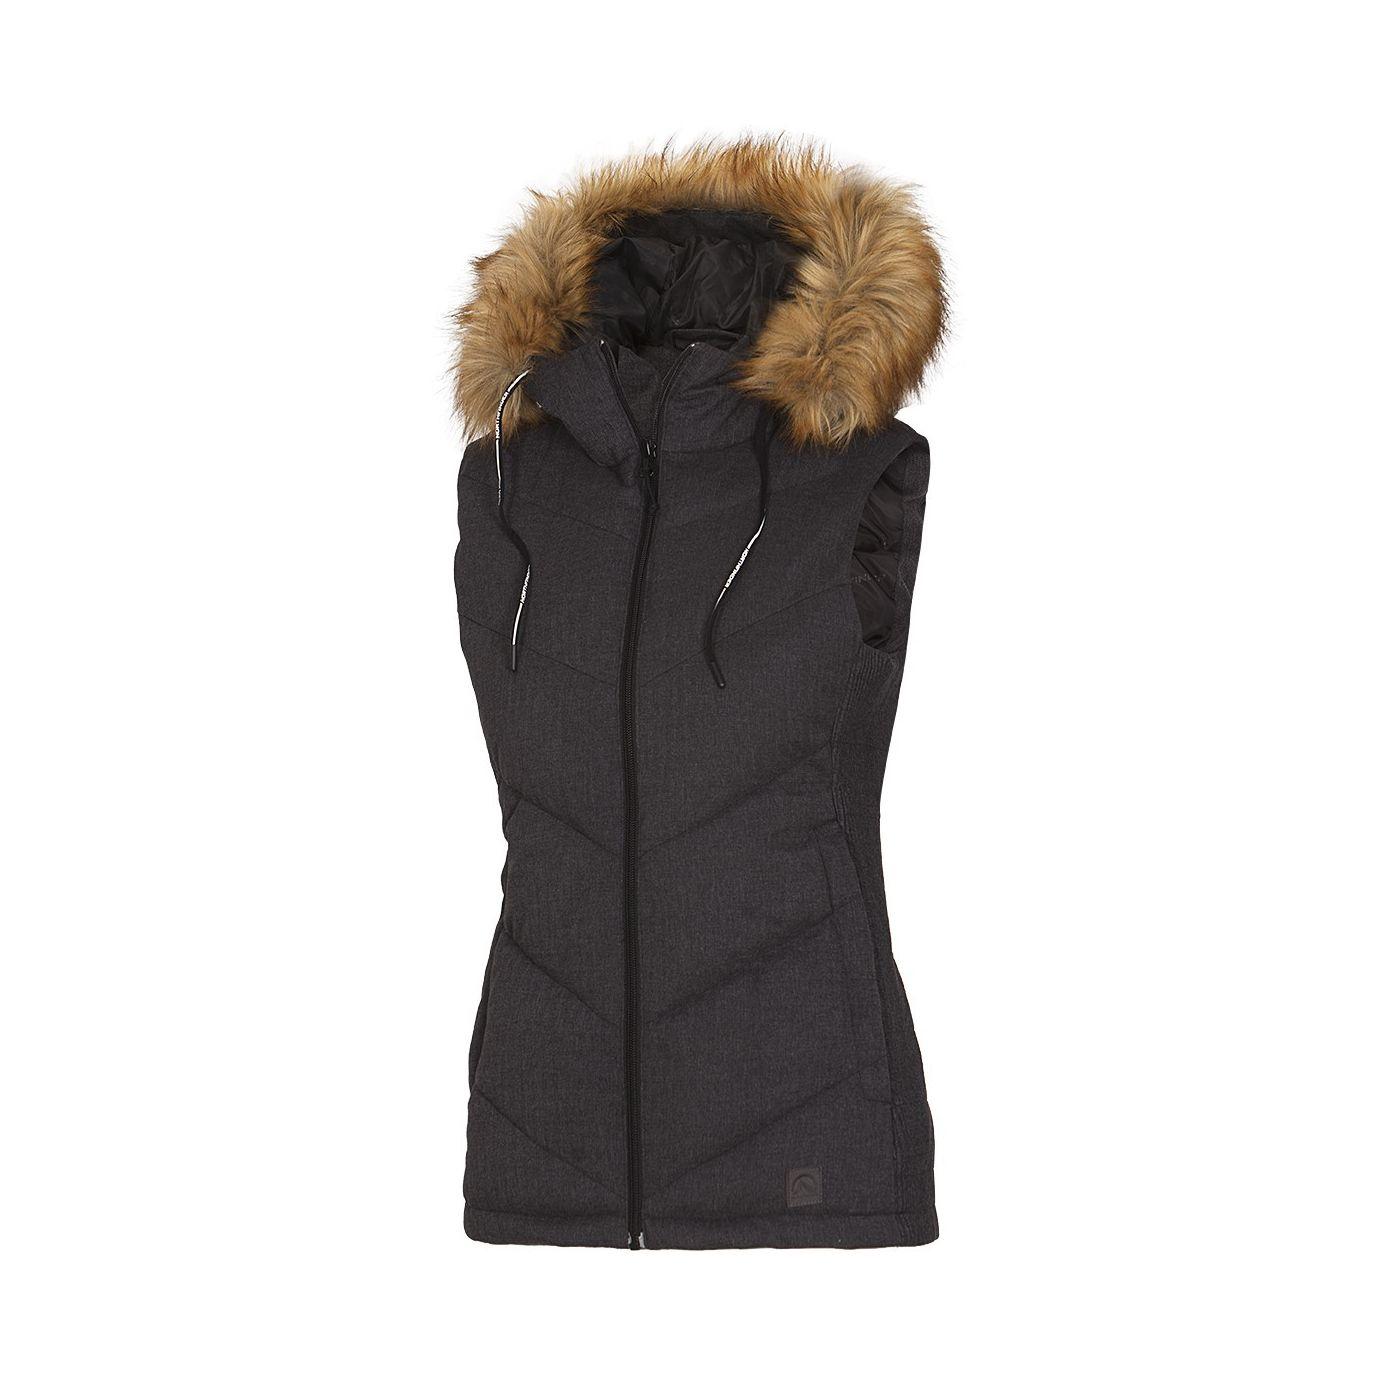 Women's vest NORTHFINDER JONKA